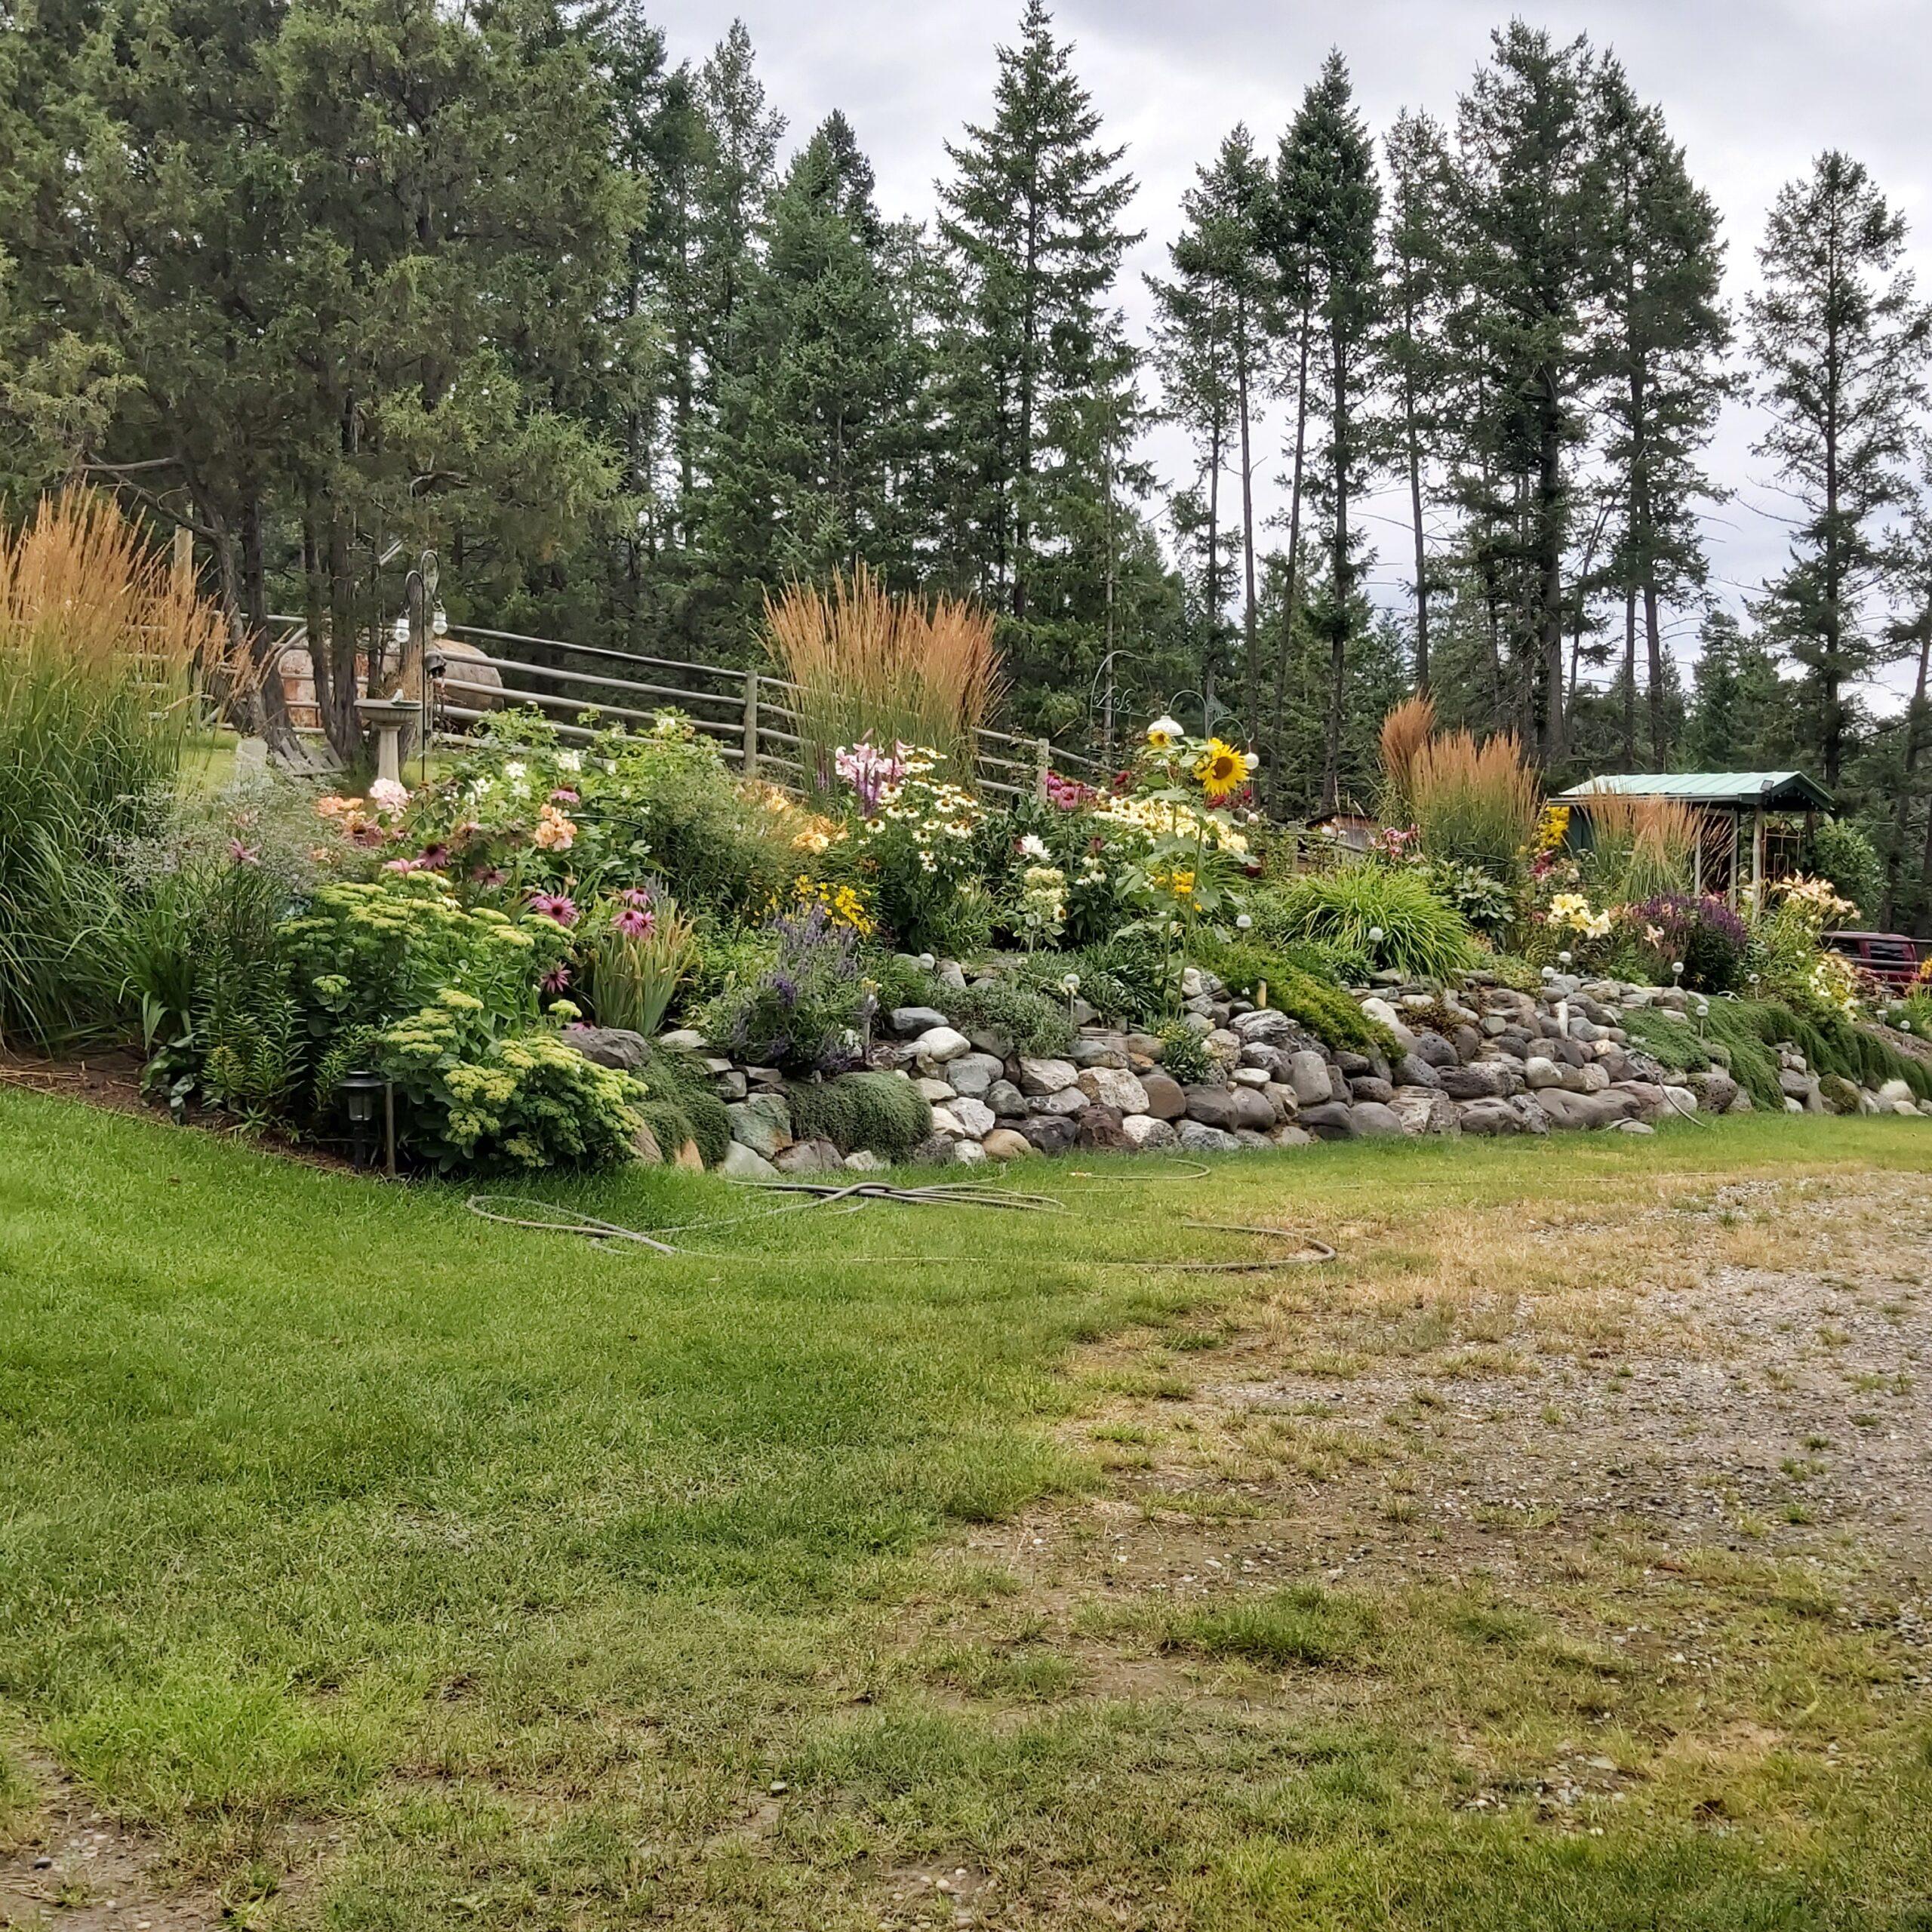 A garden bed on a hillside